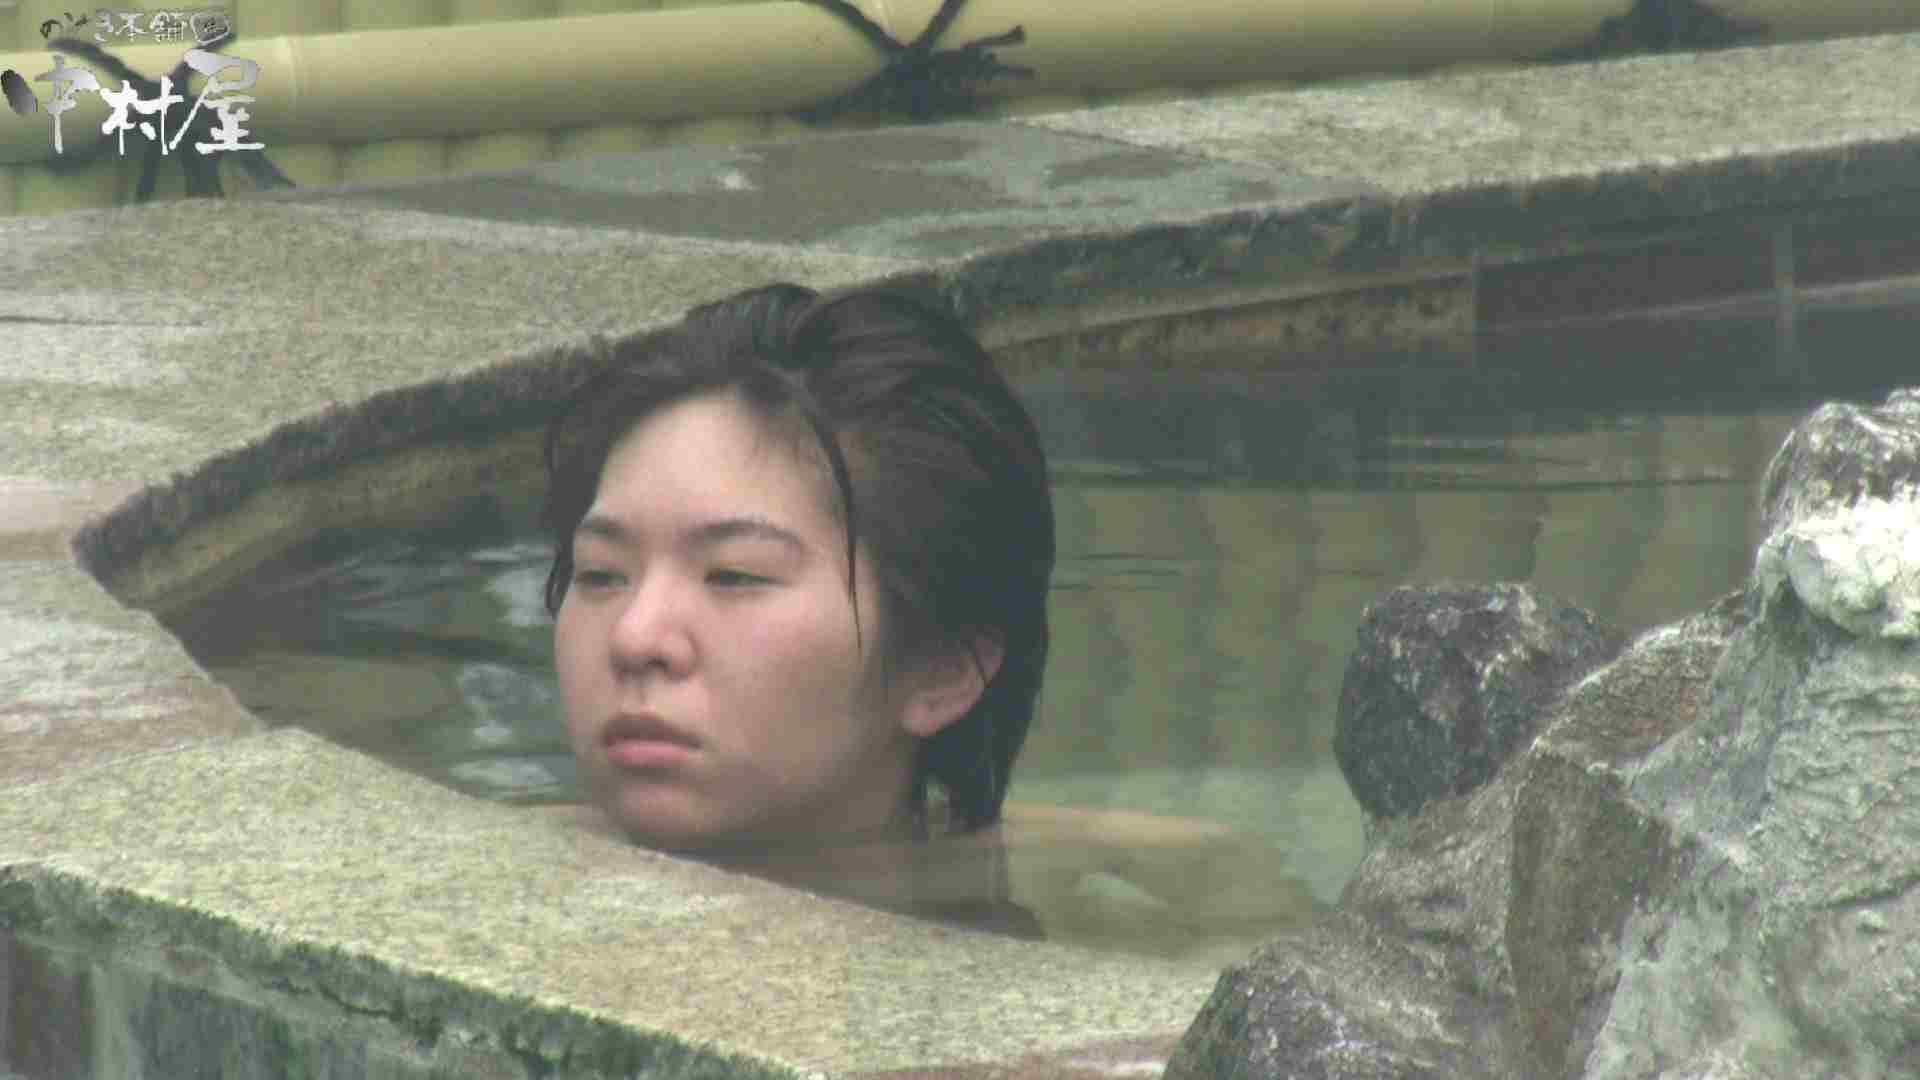 Aquaな露天風呂Vol.907 OL女体 | 女体盗撮  95連発 49